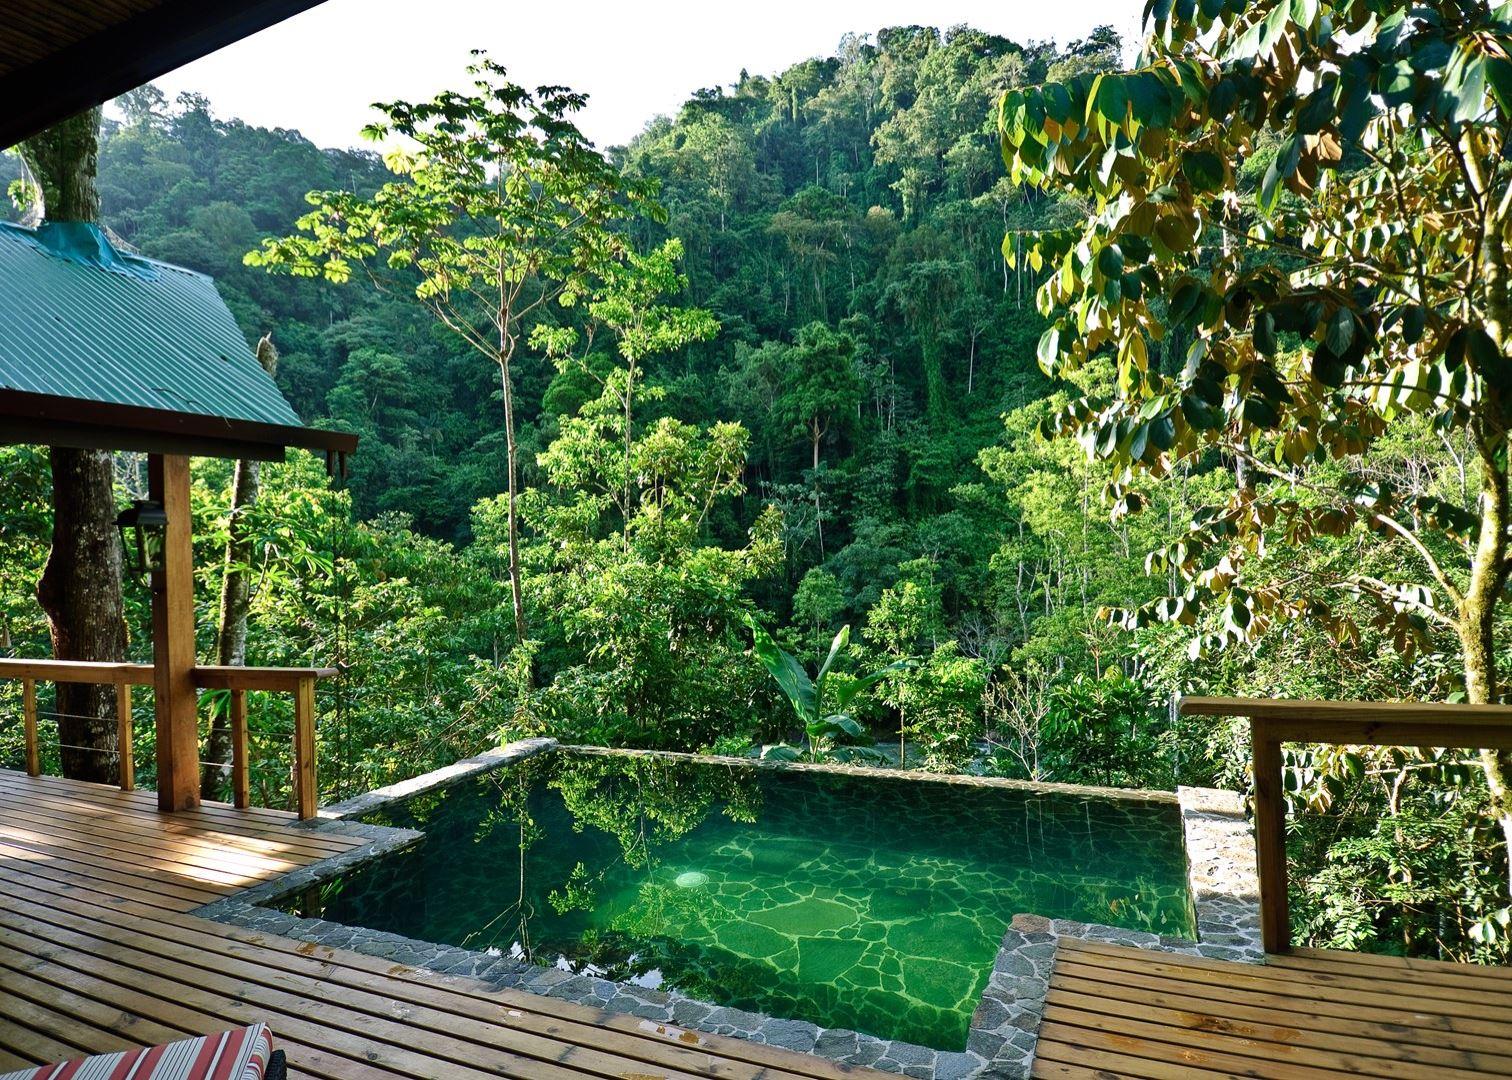 Du lịch Costa Rica, Paccure Jungle Lodge